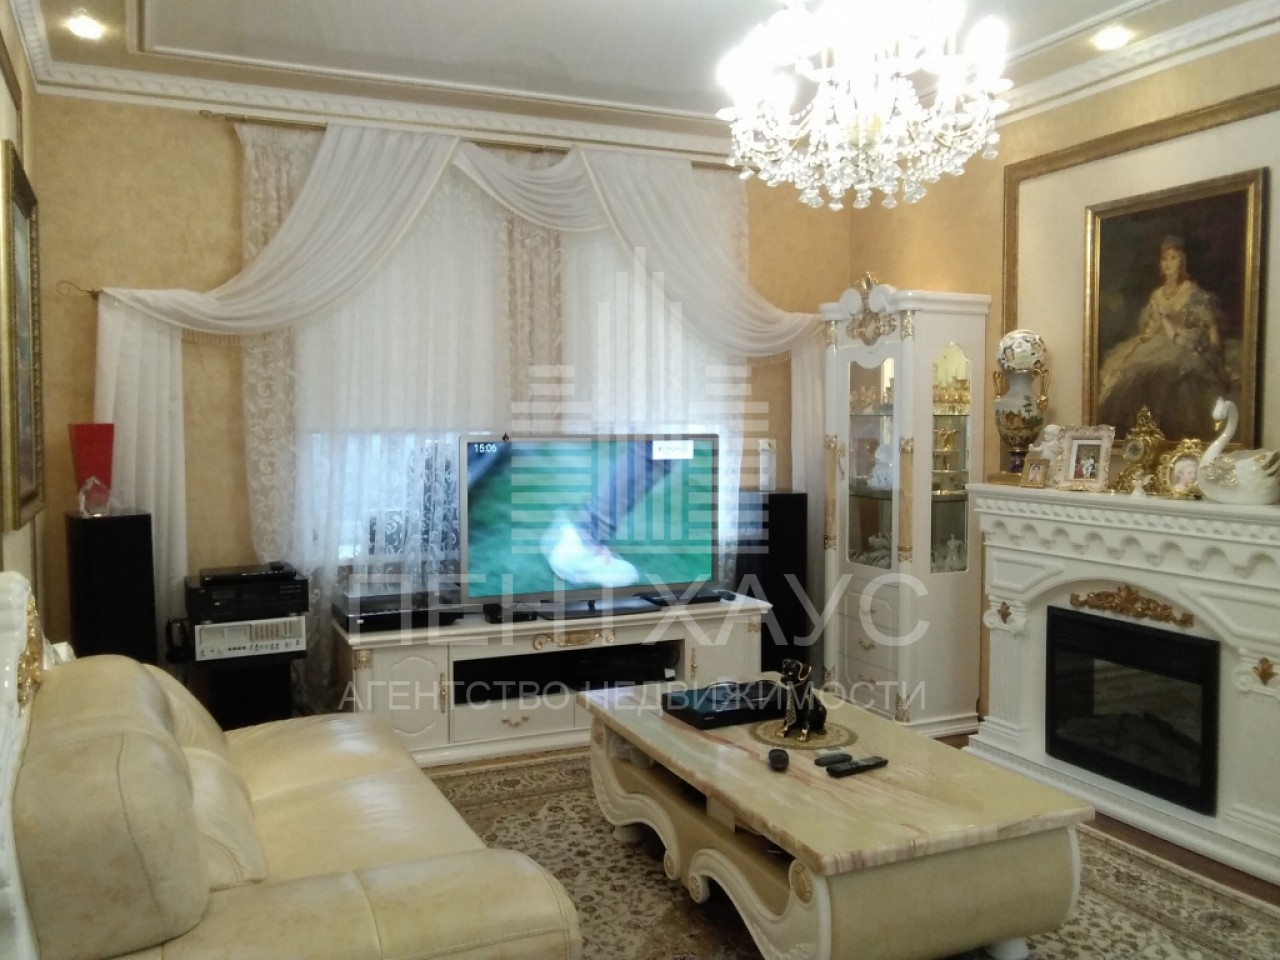 Богослово с., Молодежная ул., 17, дом кирпичный с участком 17.00 сотка на продажу